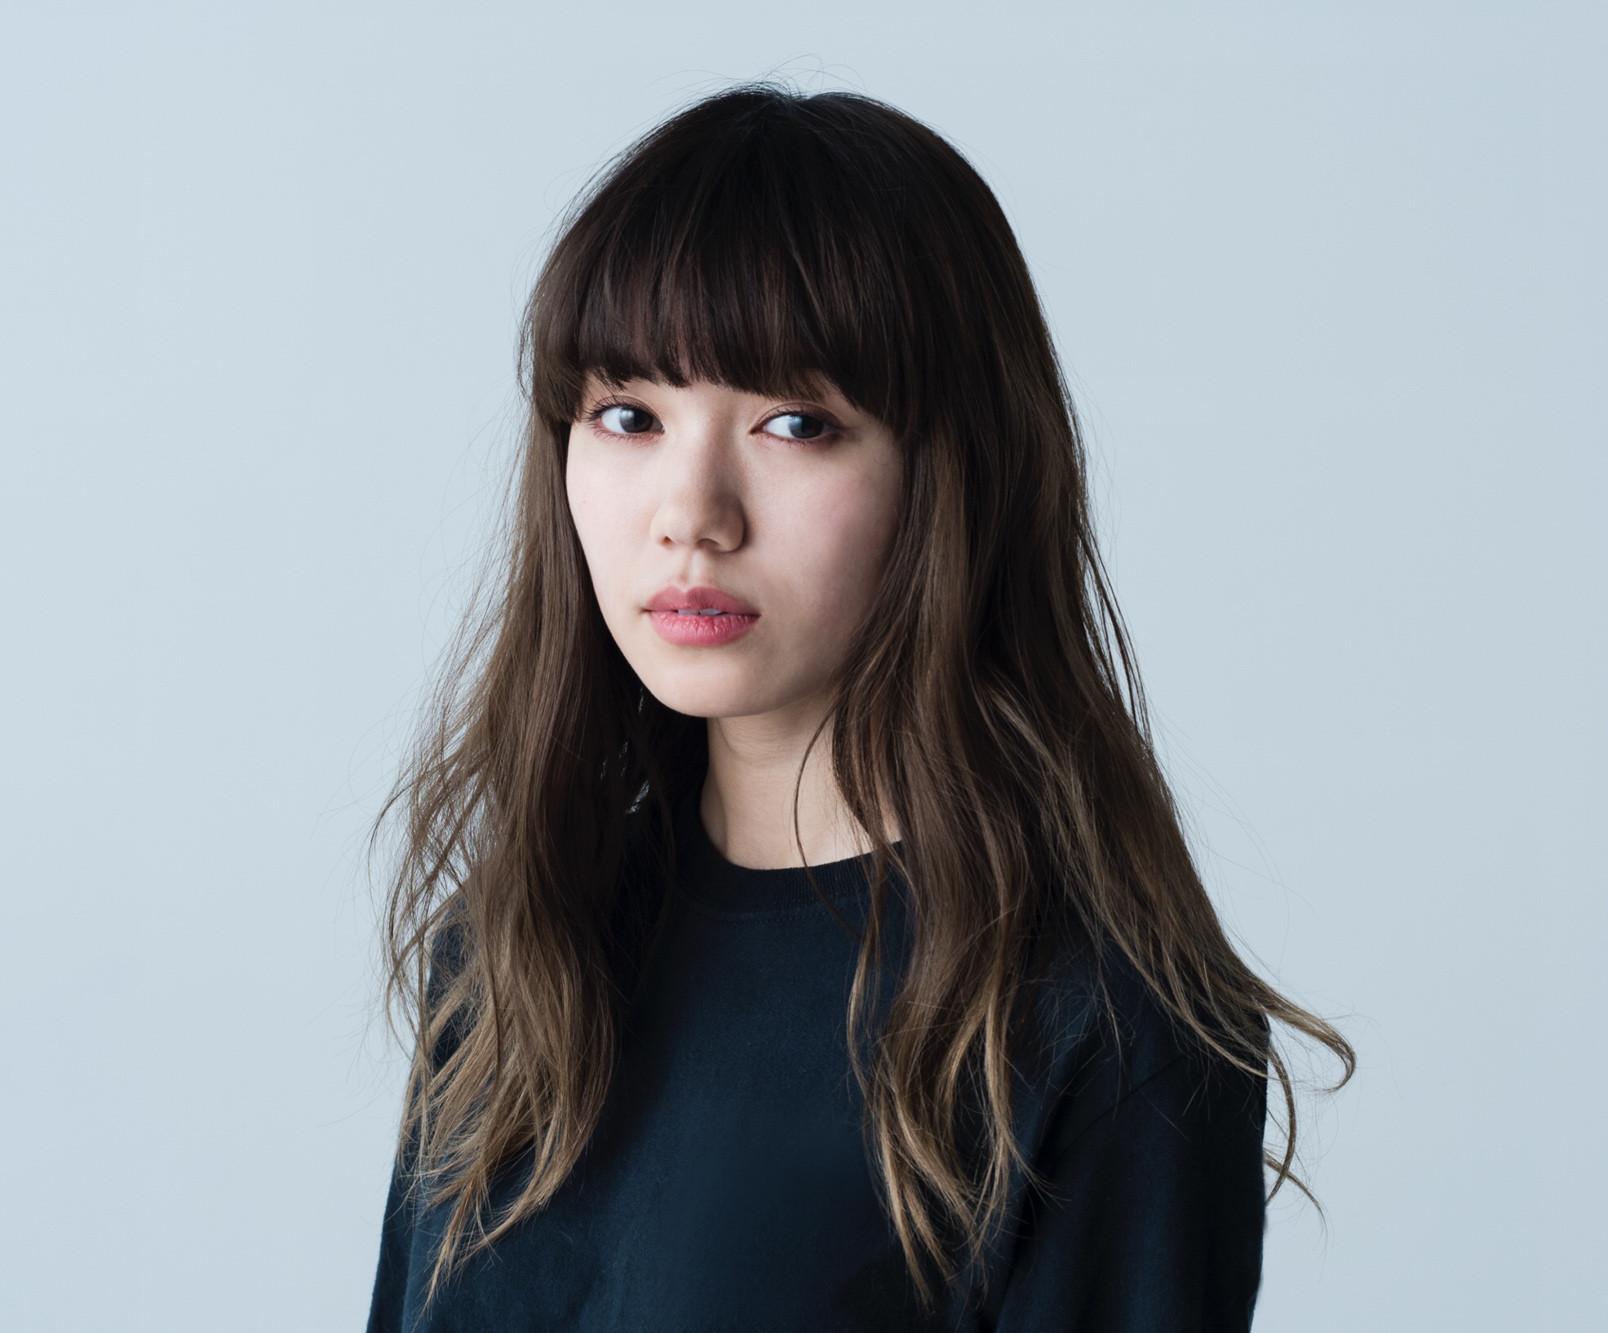 壁紙 二階堂ふみ 萩原健一追悼 女優A「前貼りなし」本番秘話